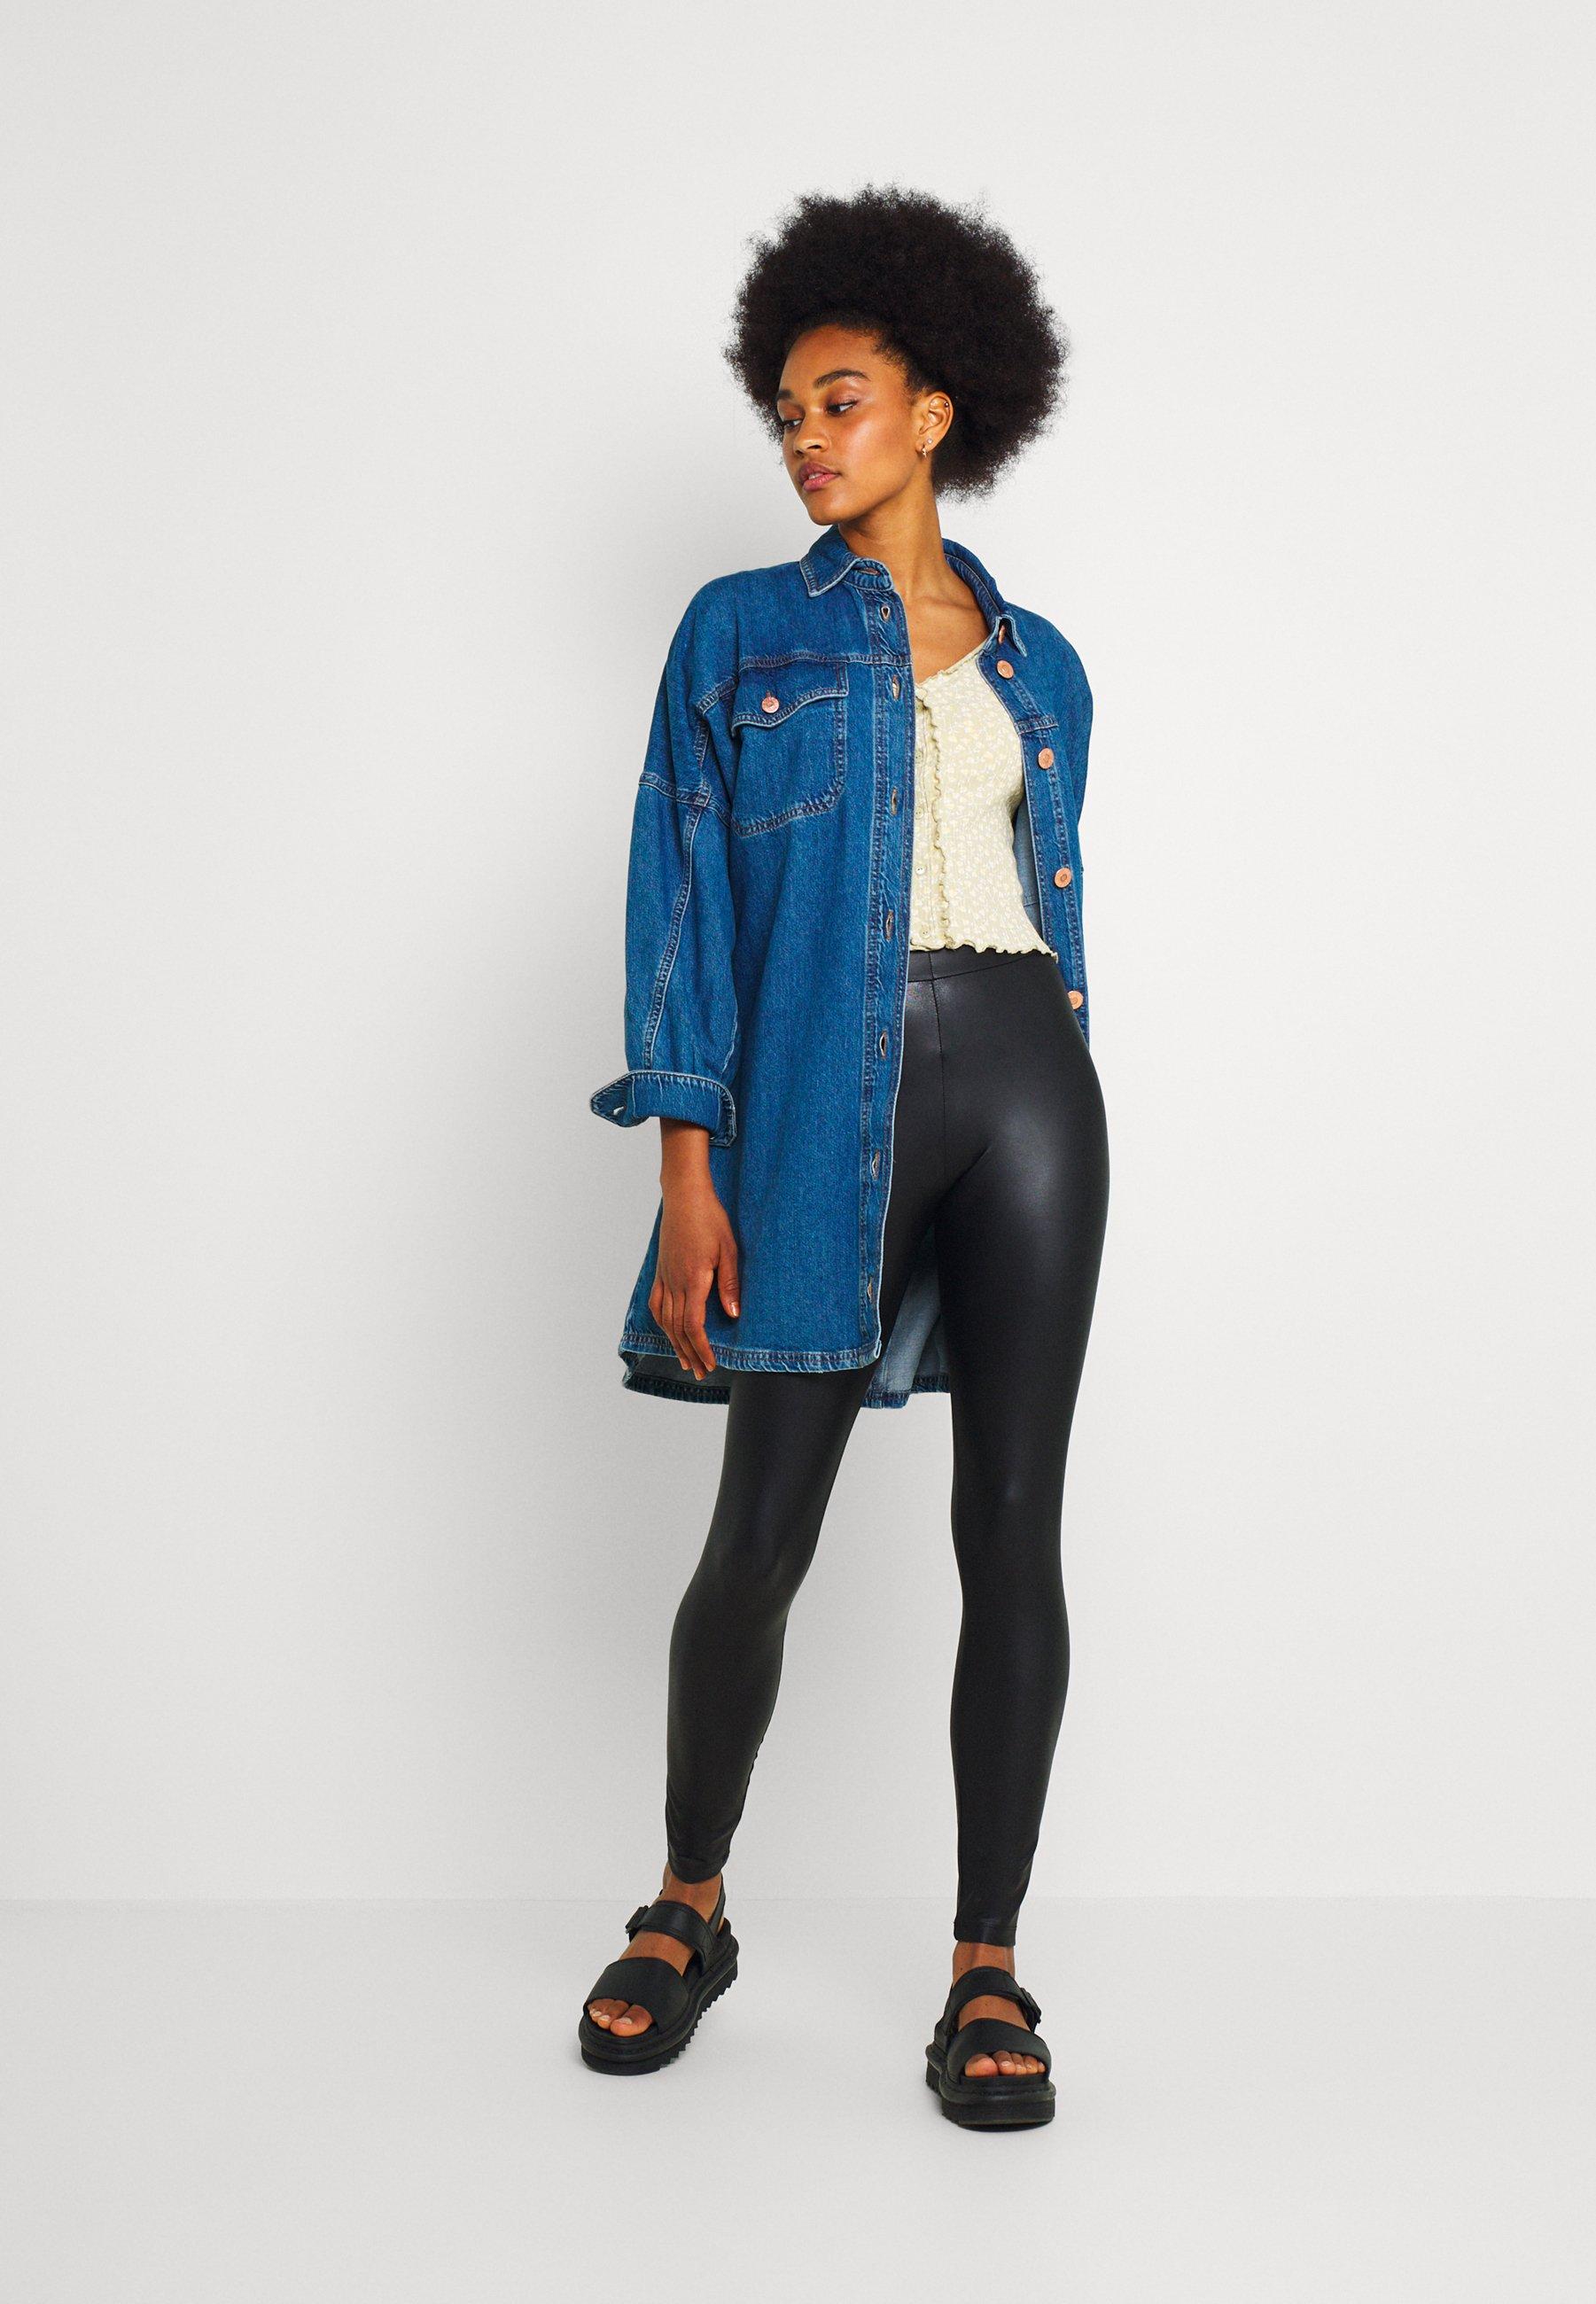 Damen PCNEW SHINY - Leggings - Hosen